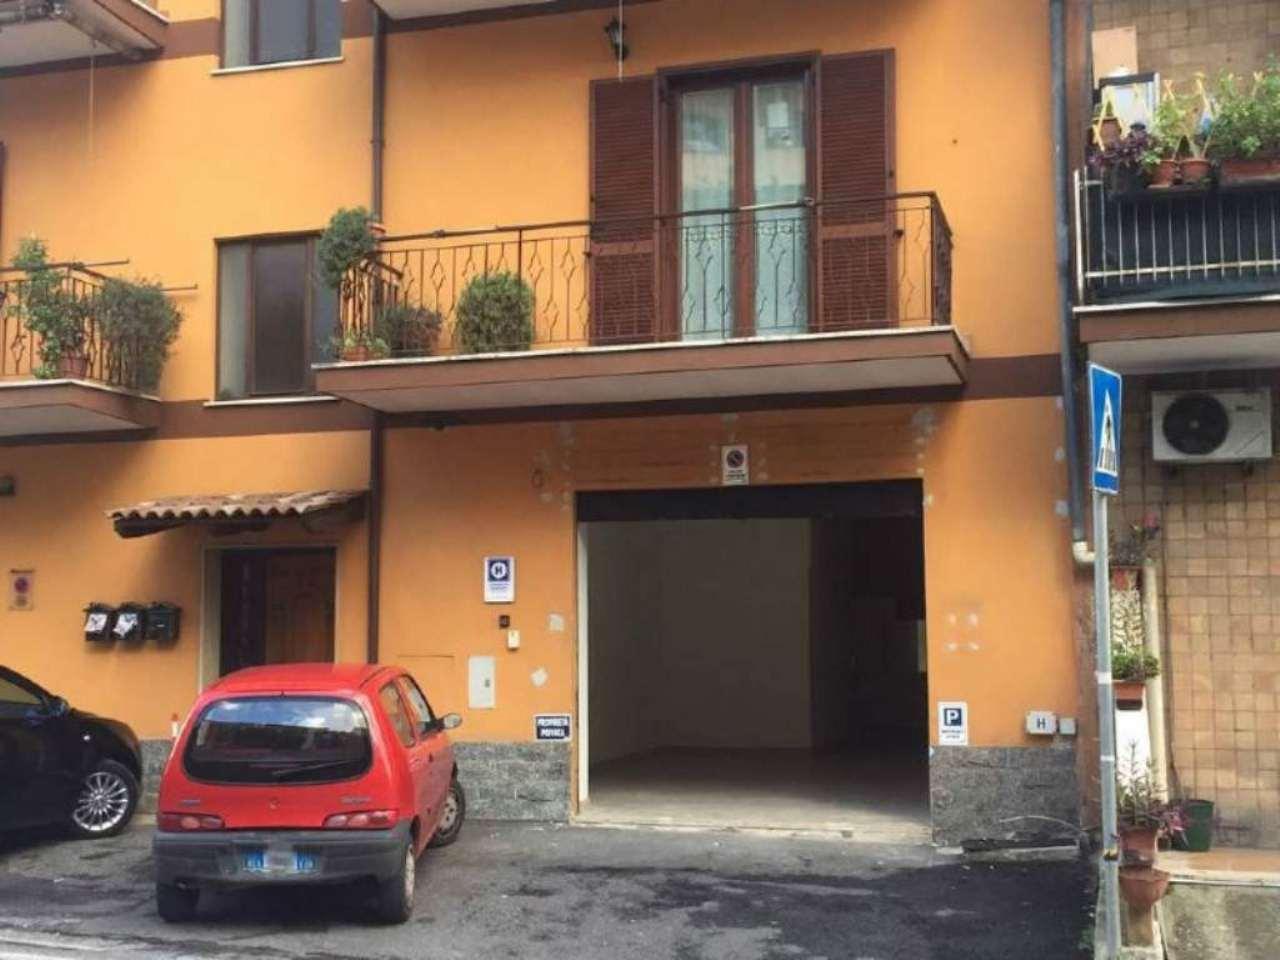 Negozio / Locale in vendita a Fiano Romano, 9999 locali, prezzo € 79.000 | Cambio Casa.it